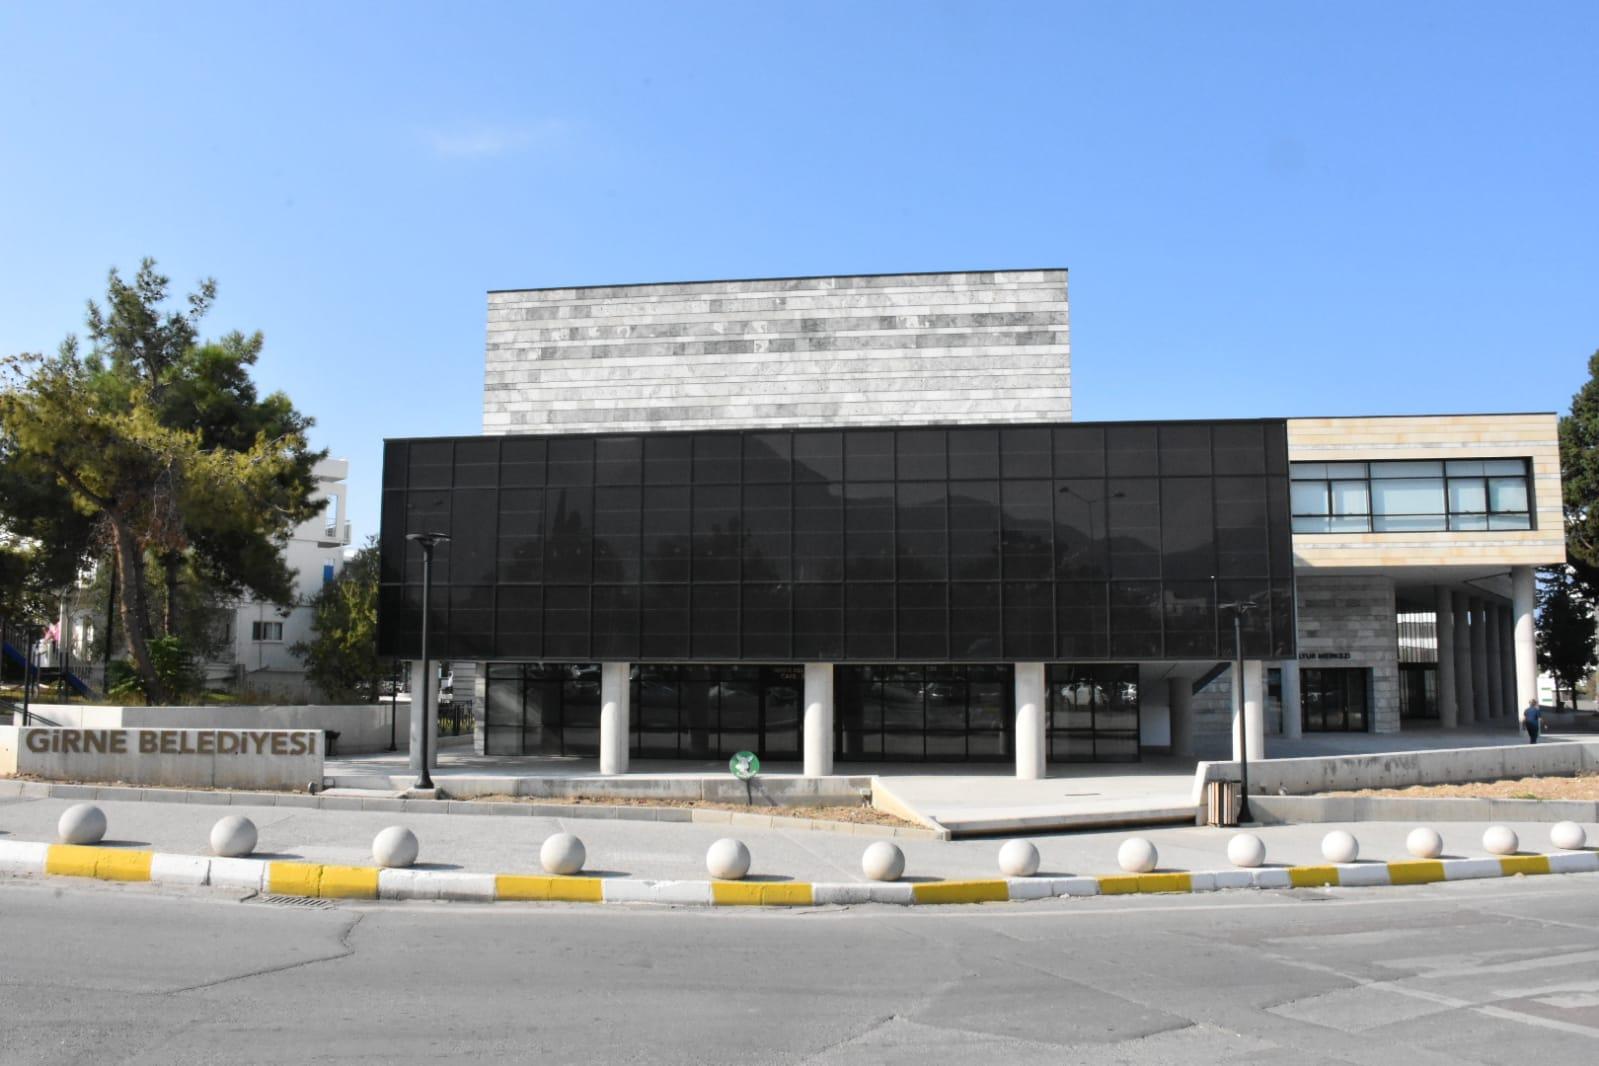 Girne Belediyesi'nde 3 vakaya Rastlandı